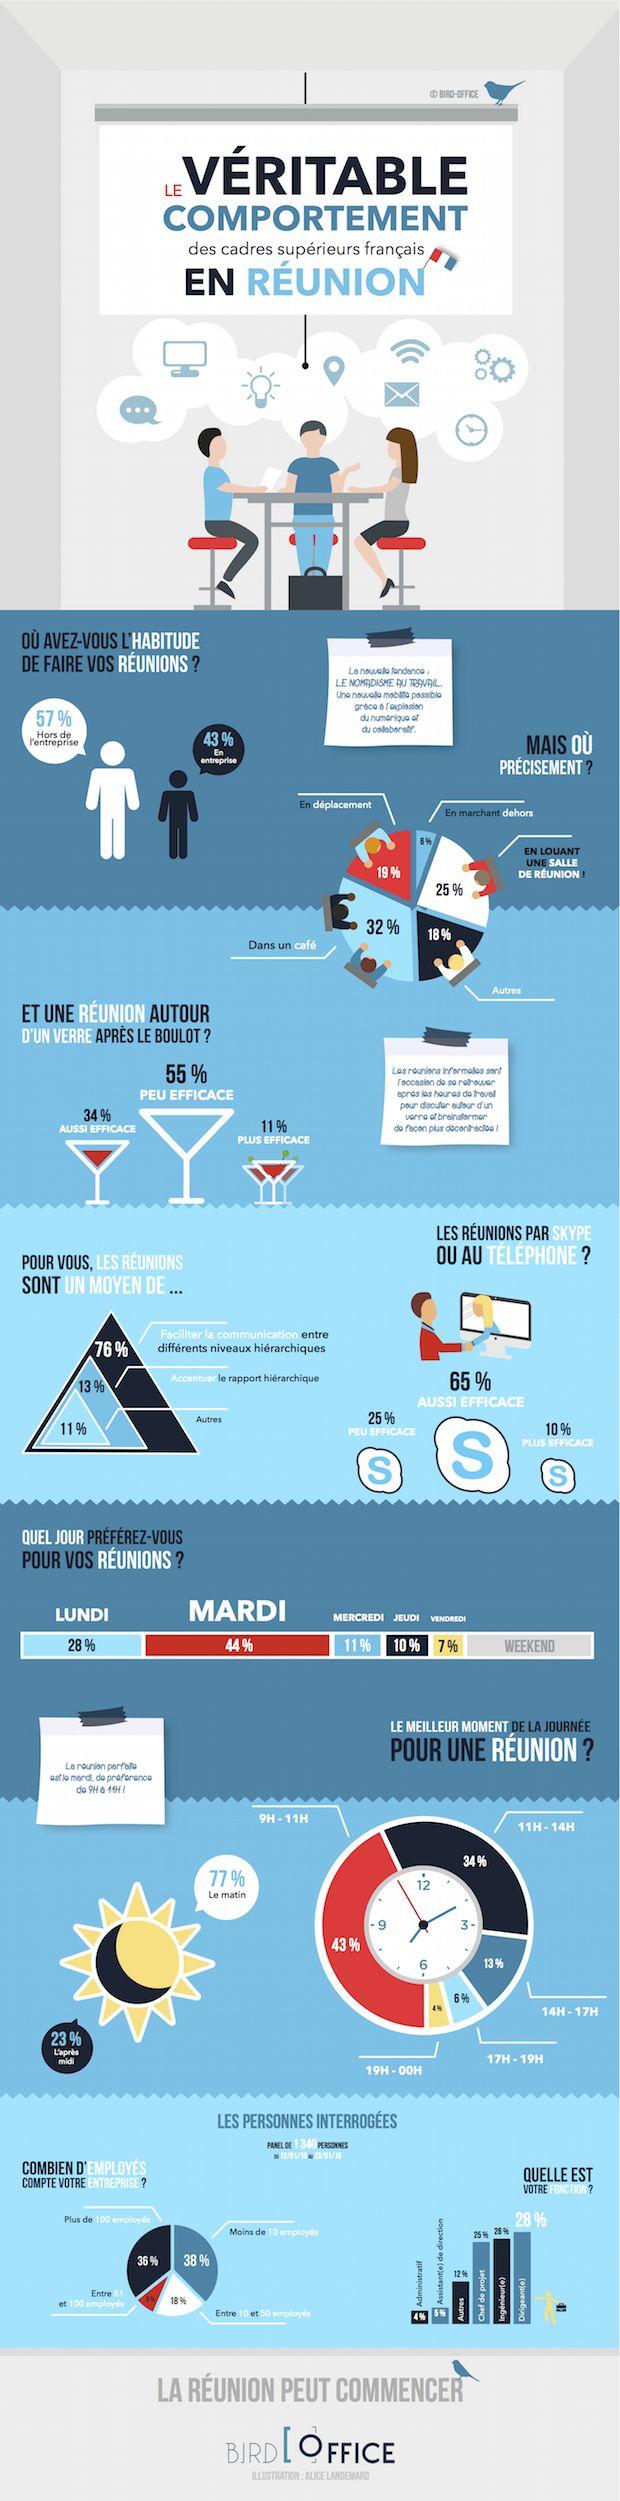 Comment se comportent les cadres supérieurs français en réunion ? Etude intéressante réalisée par @Bird_Office